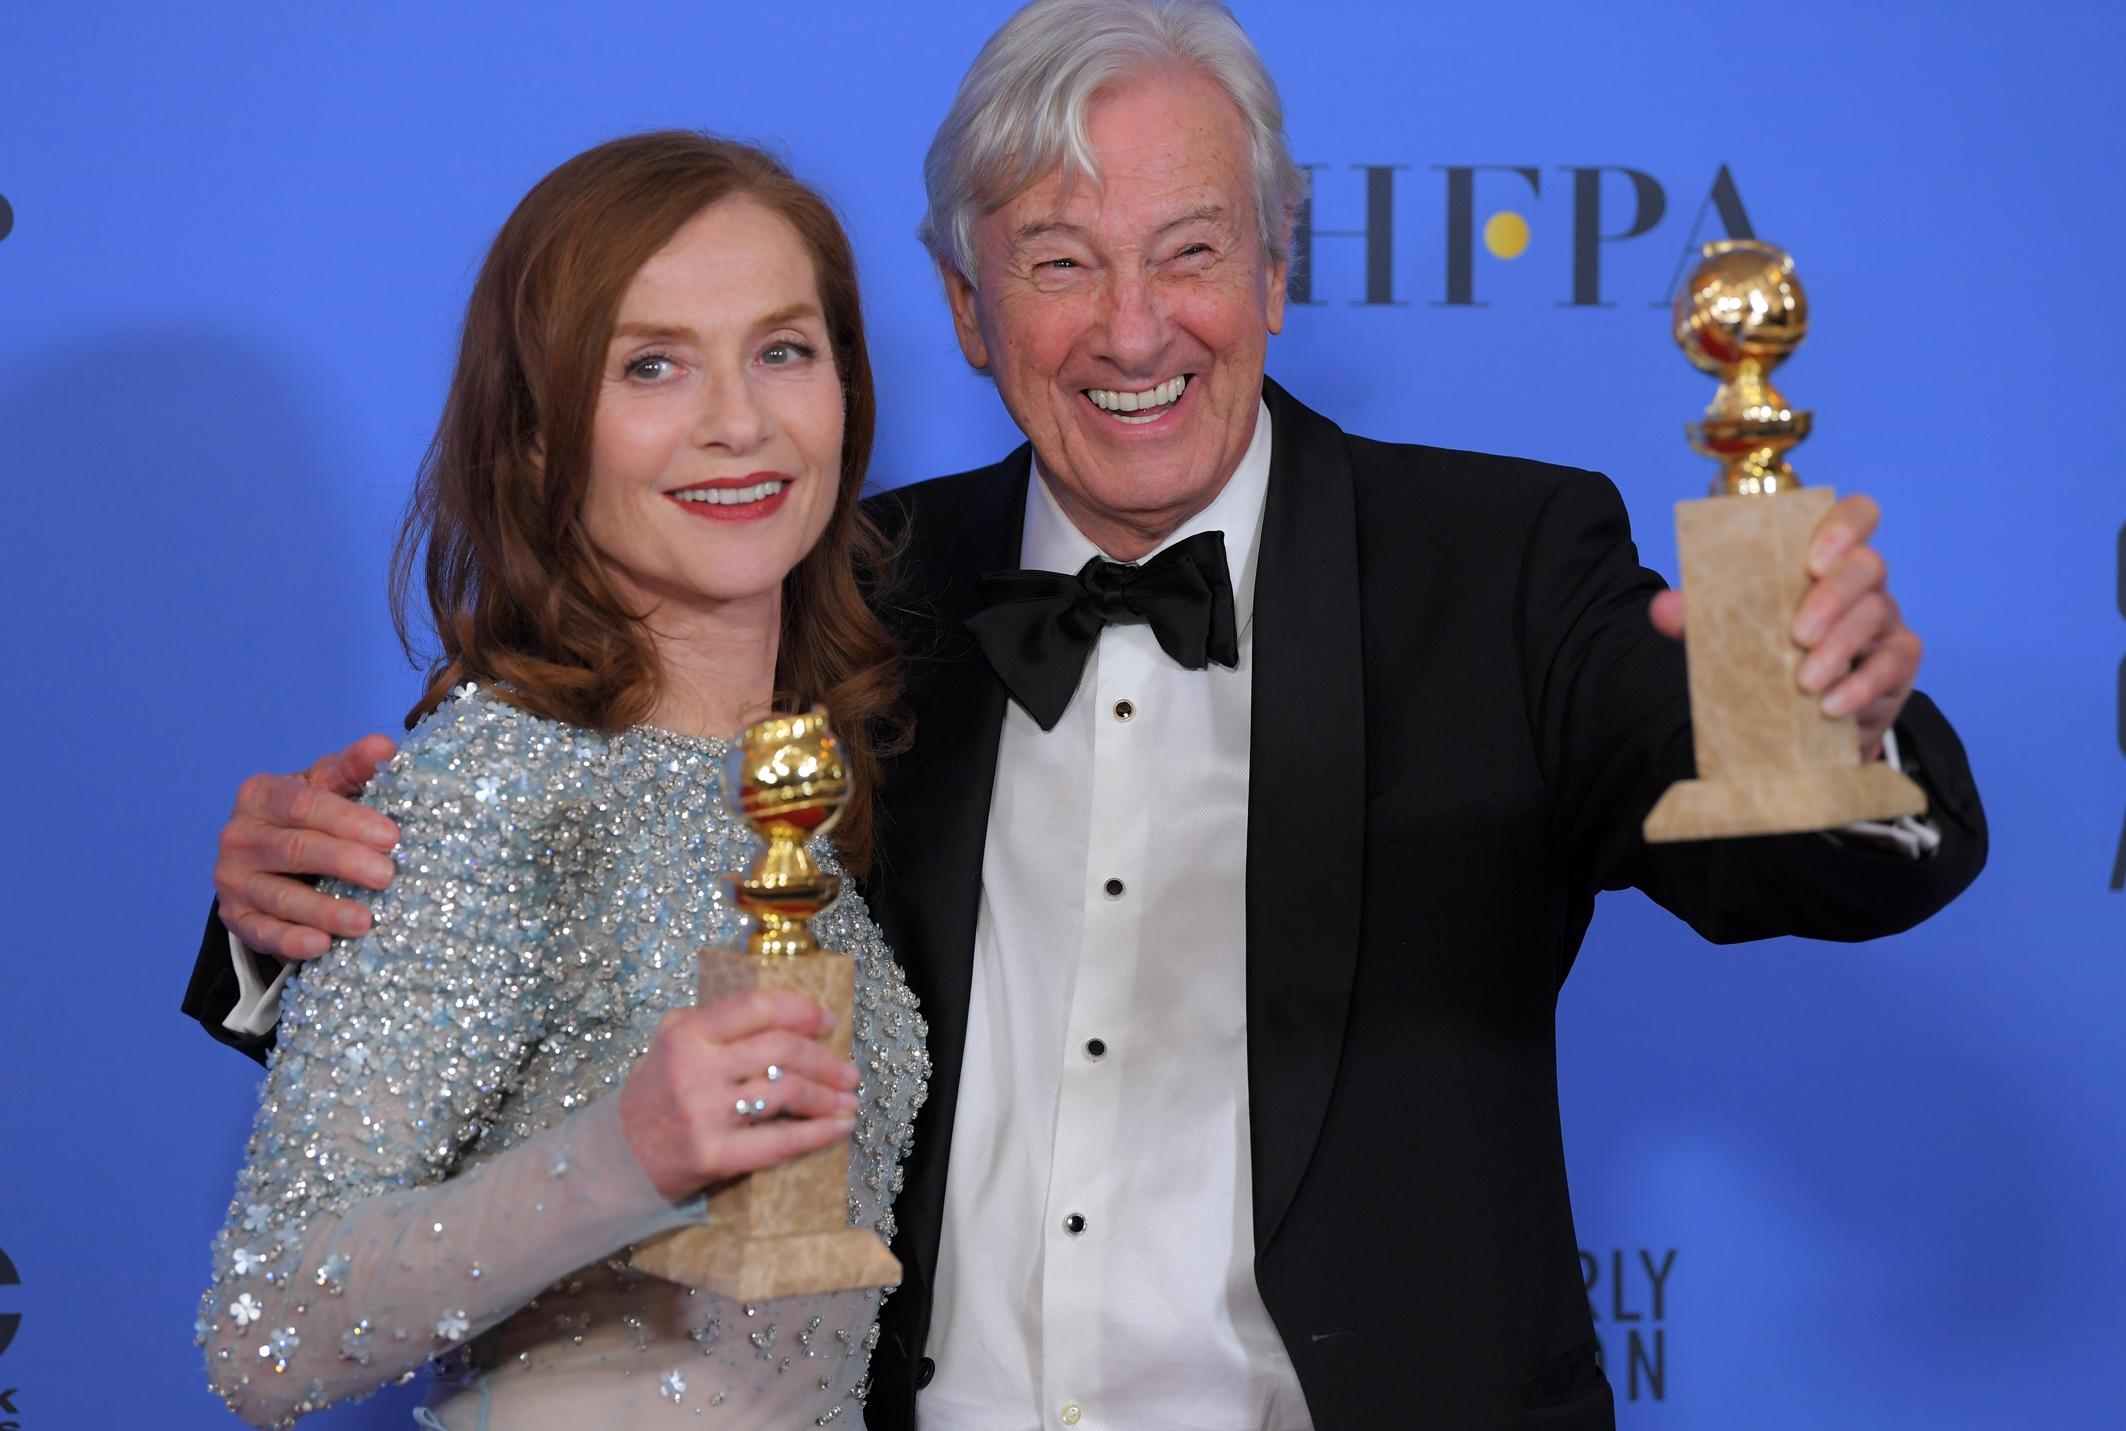 WOW: Nederlandse regisseur Paul Verhoeven behoort tot grote winnaars Golden Globes 2017